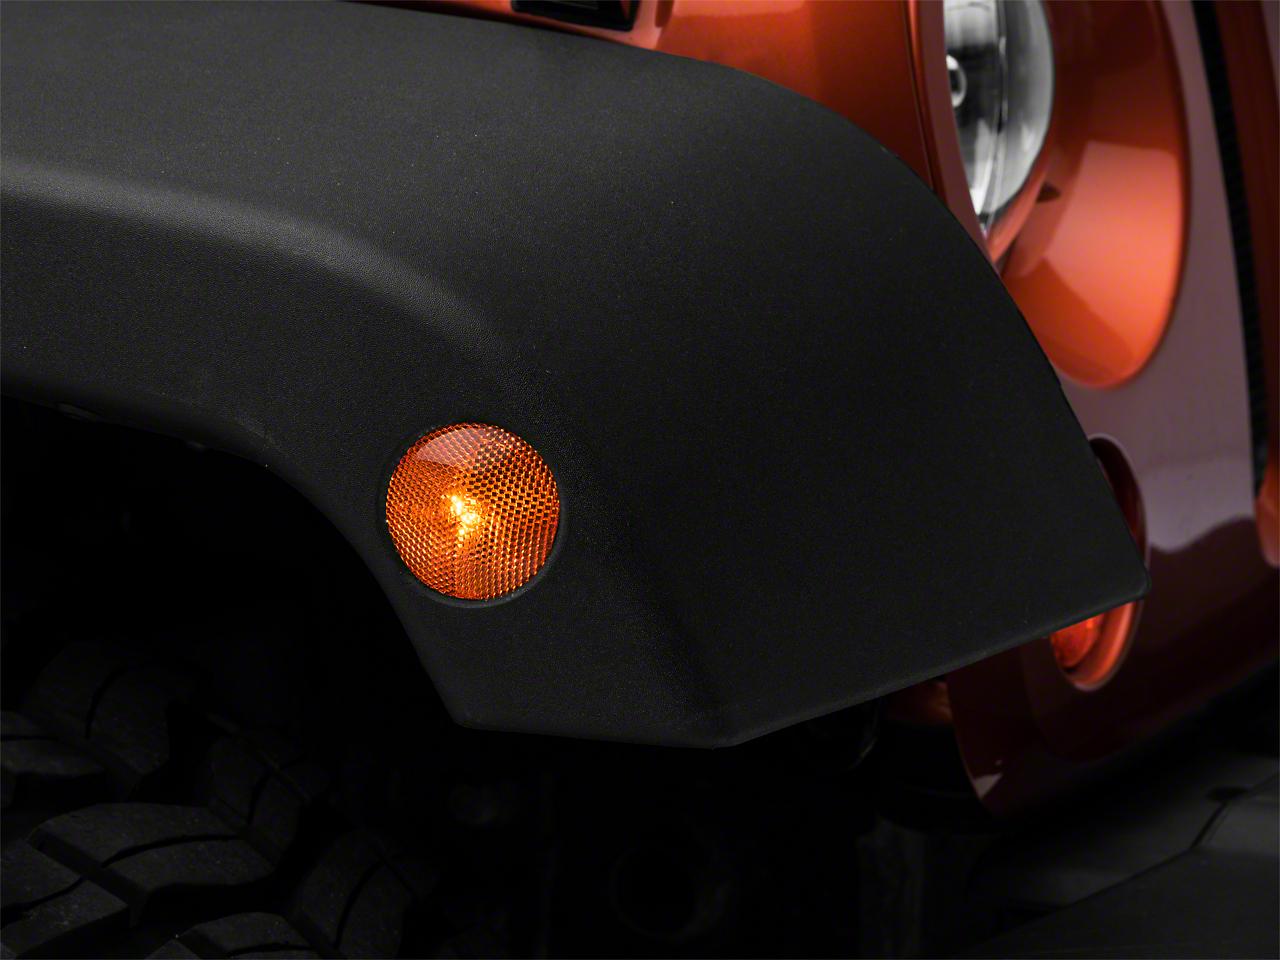 Crown Automotive Amber Side Marker Lens - Passenger Side (07-18 Jeep Wrangler JK)